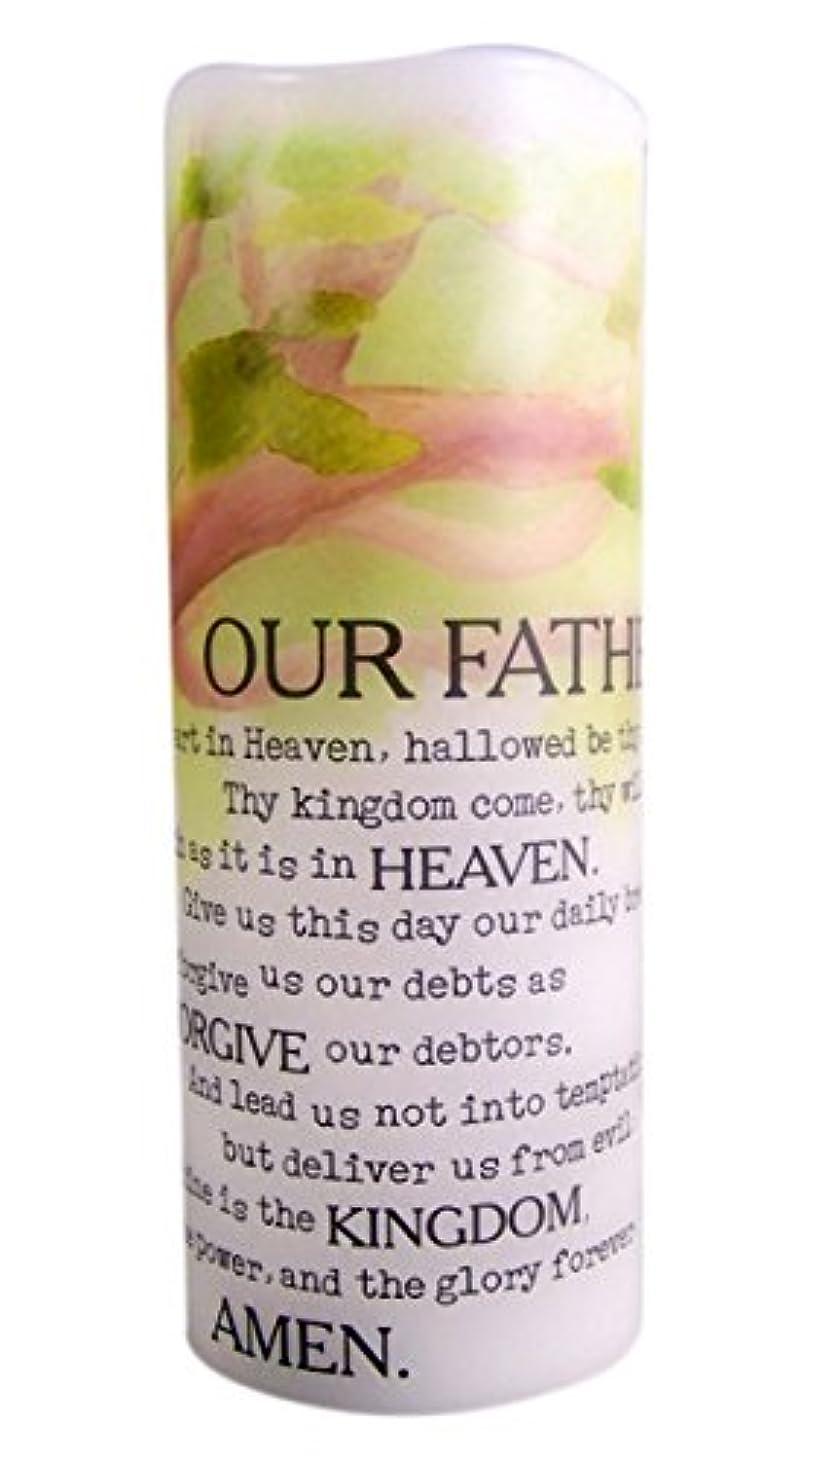 グリップ作成する寸前The Lord's Prayer Flamless Flicker Vanilla Scented Wax Candle with LED Light, 20cm